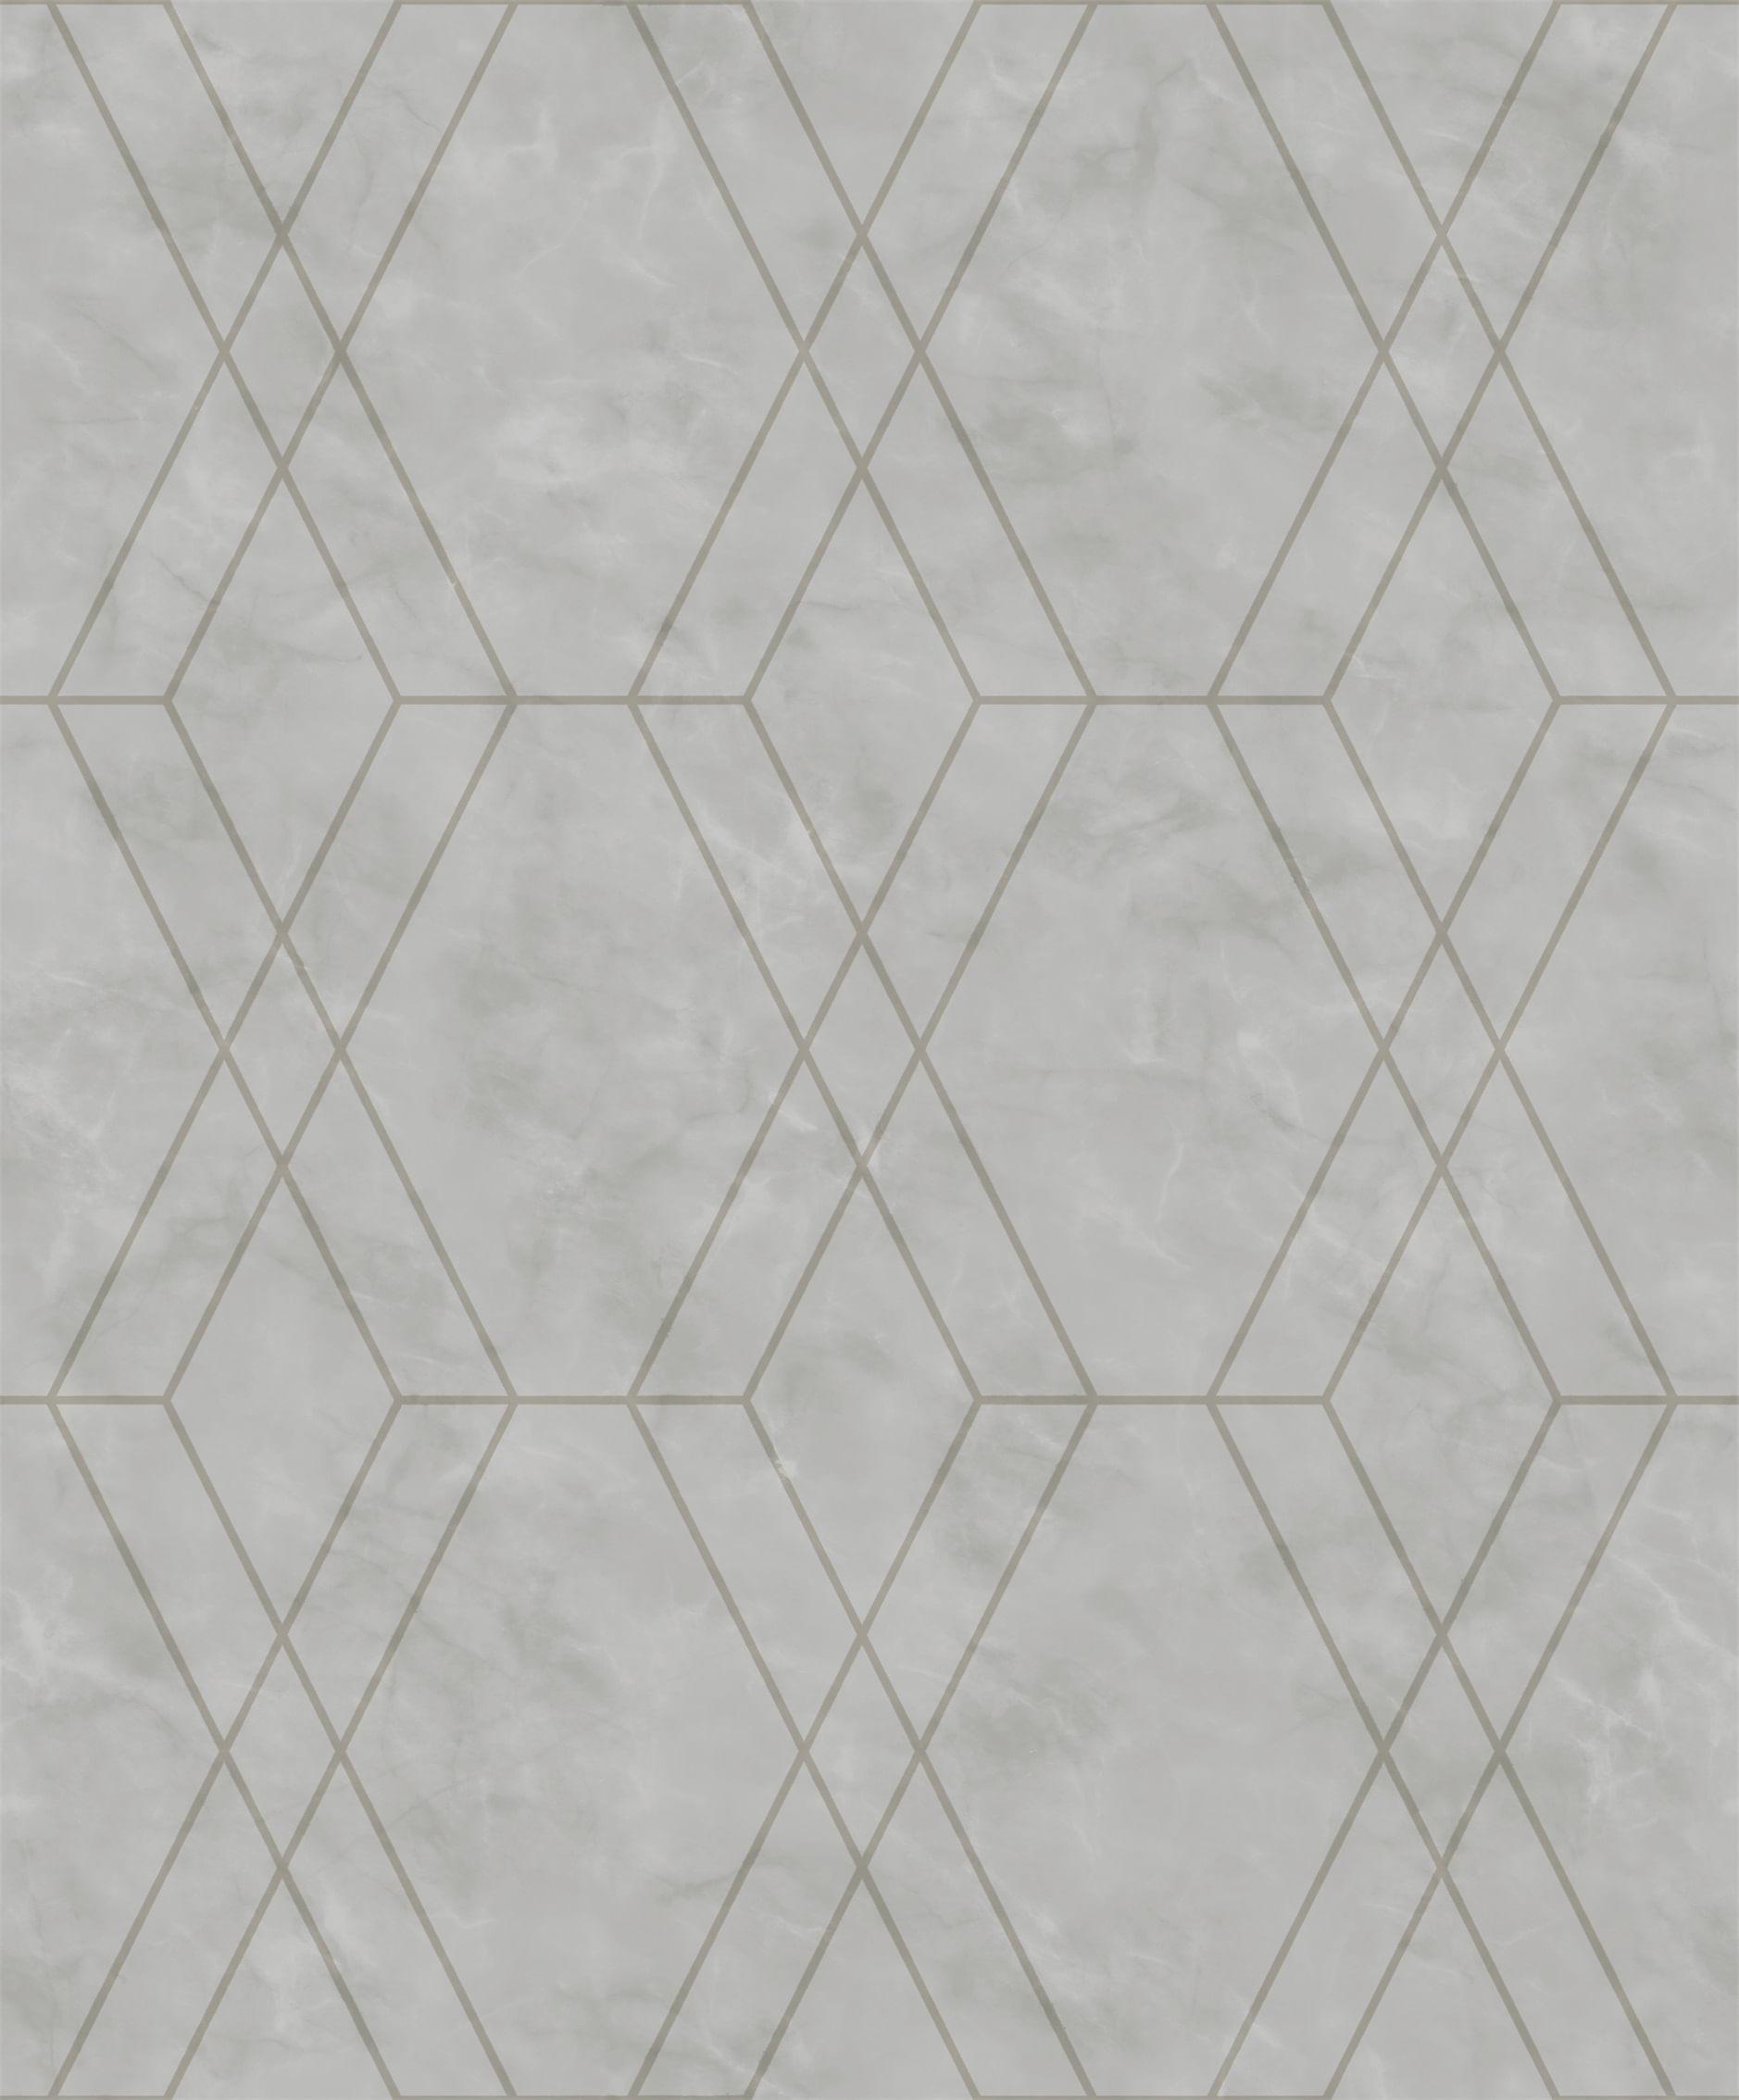 Papel de Parede Modern Maison Geometria em Mármore MM557705 - Rolo: 10m x 0,52m